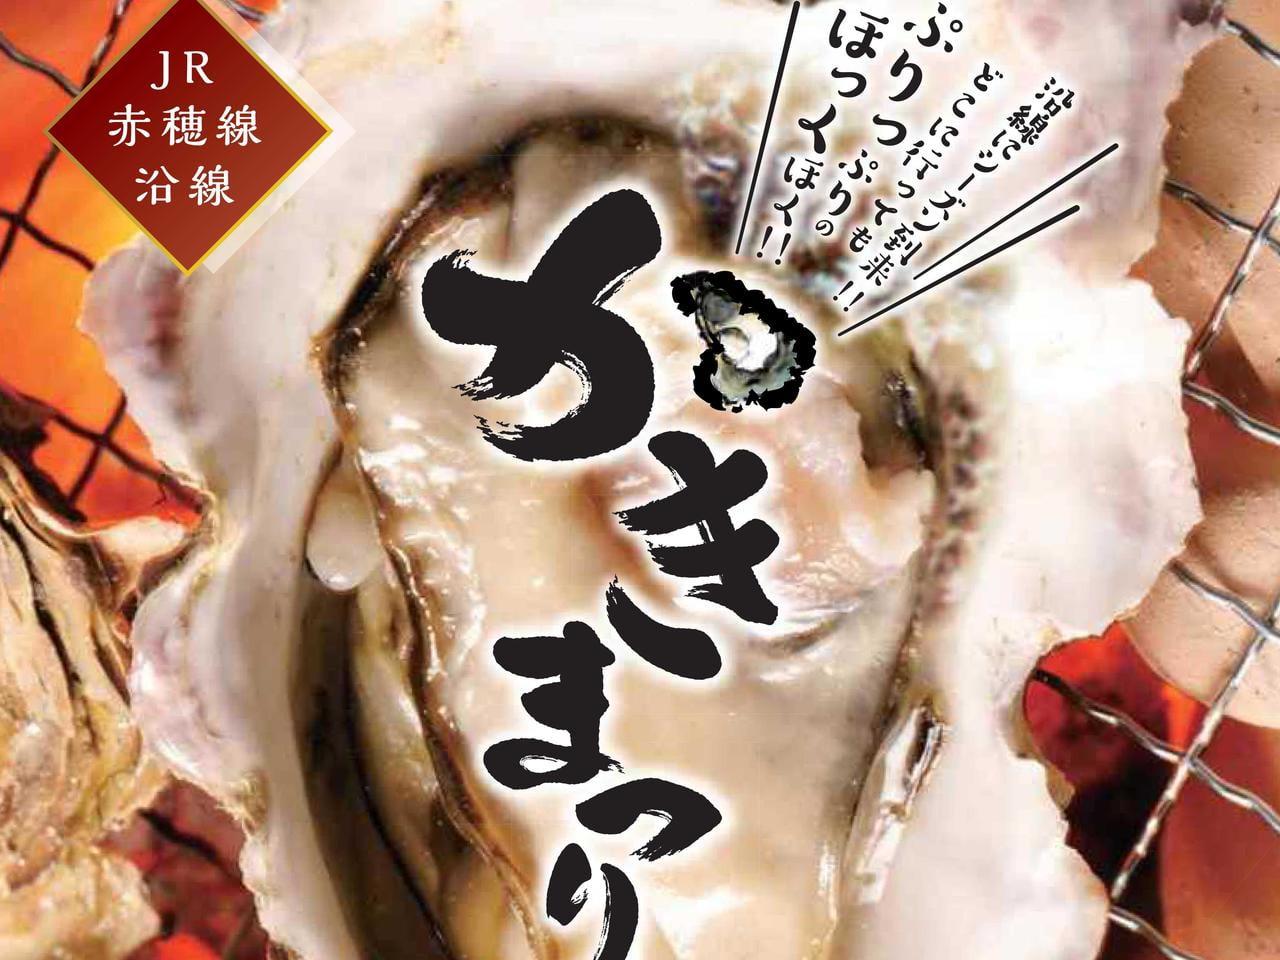 相生 赤穂 岡山|電車で行く瀬戸内かき祭り/おすすめ牡蠣直売所まとめ